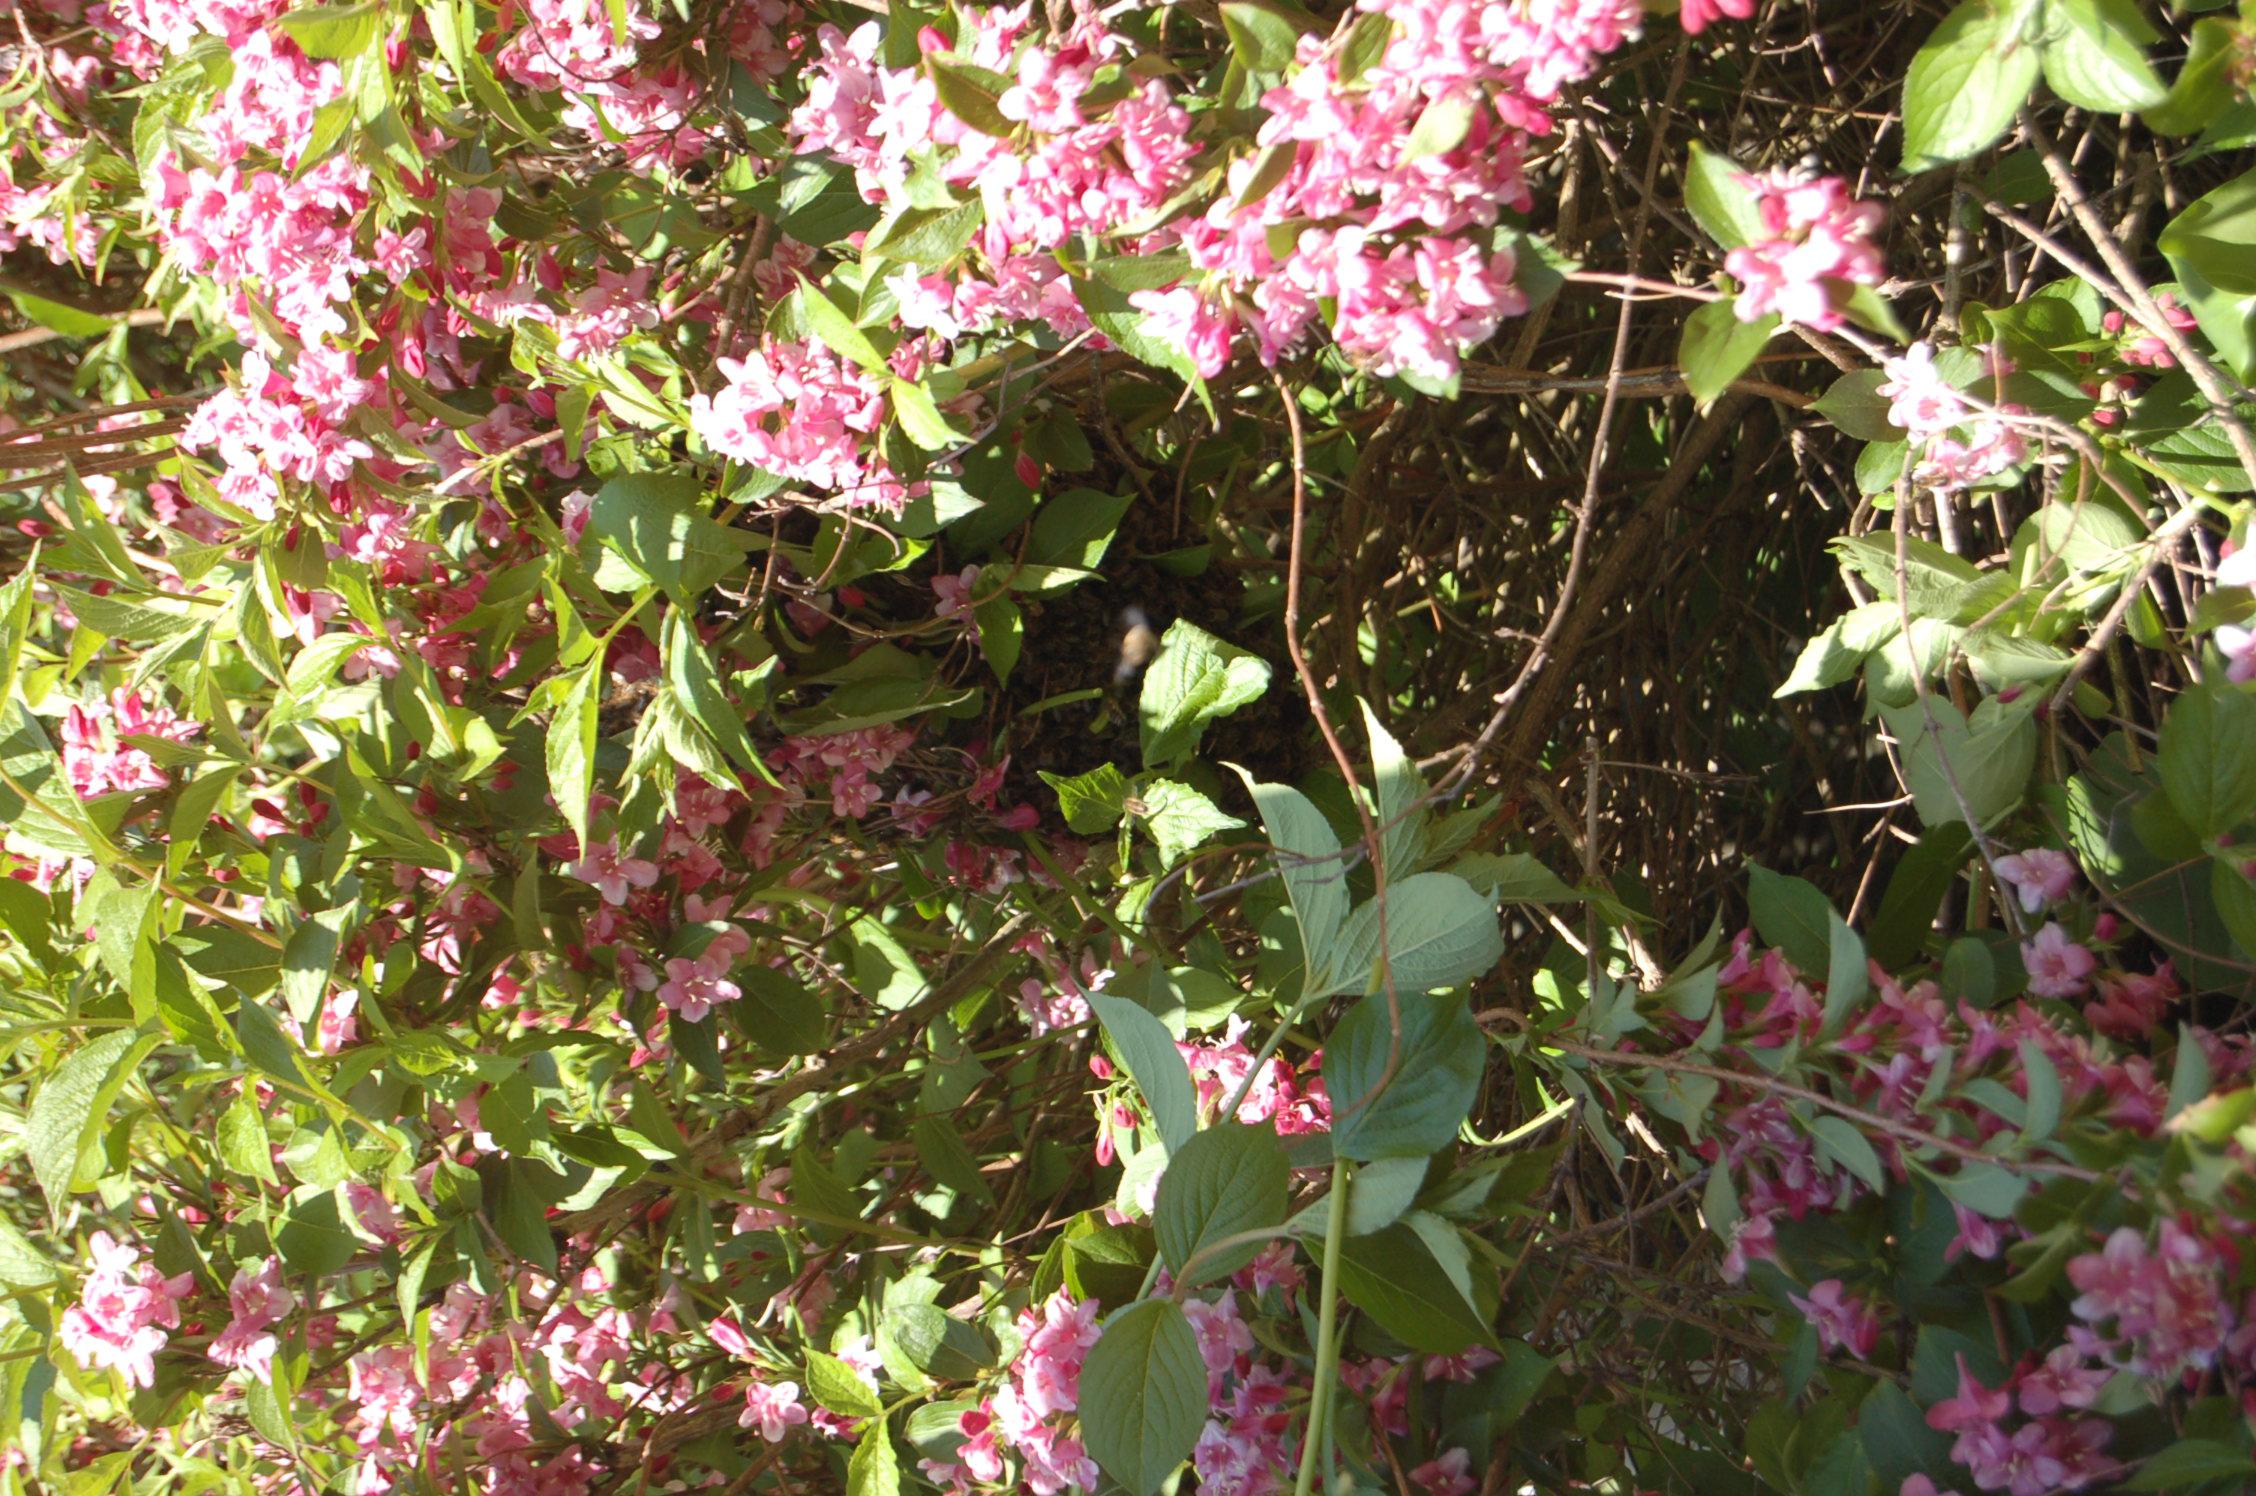 Bzzz font les abeilles que faire quand on trouve un nid d for Trouver de l or dans son jardin